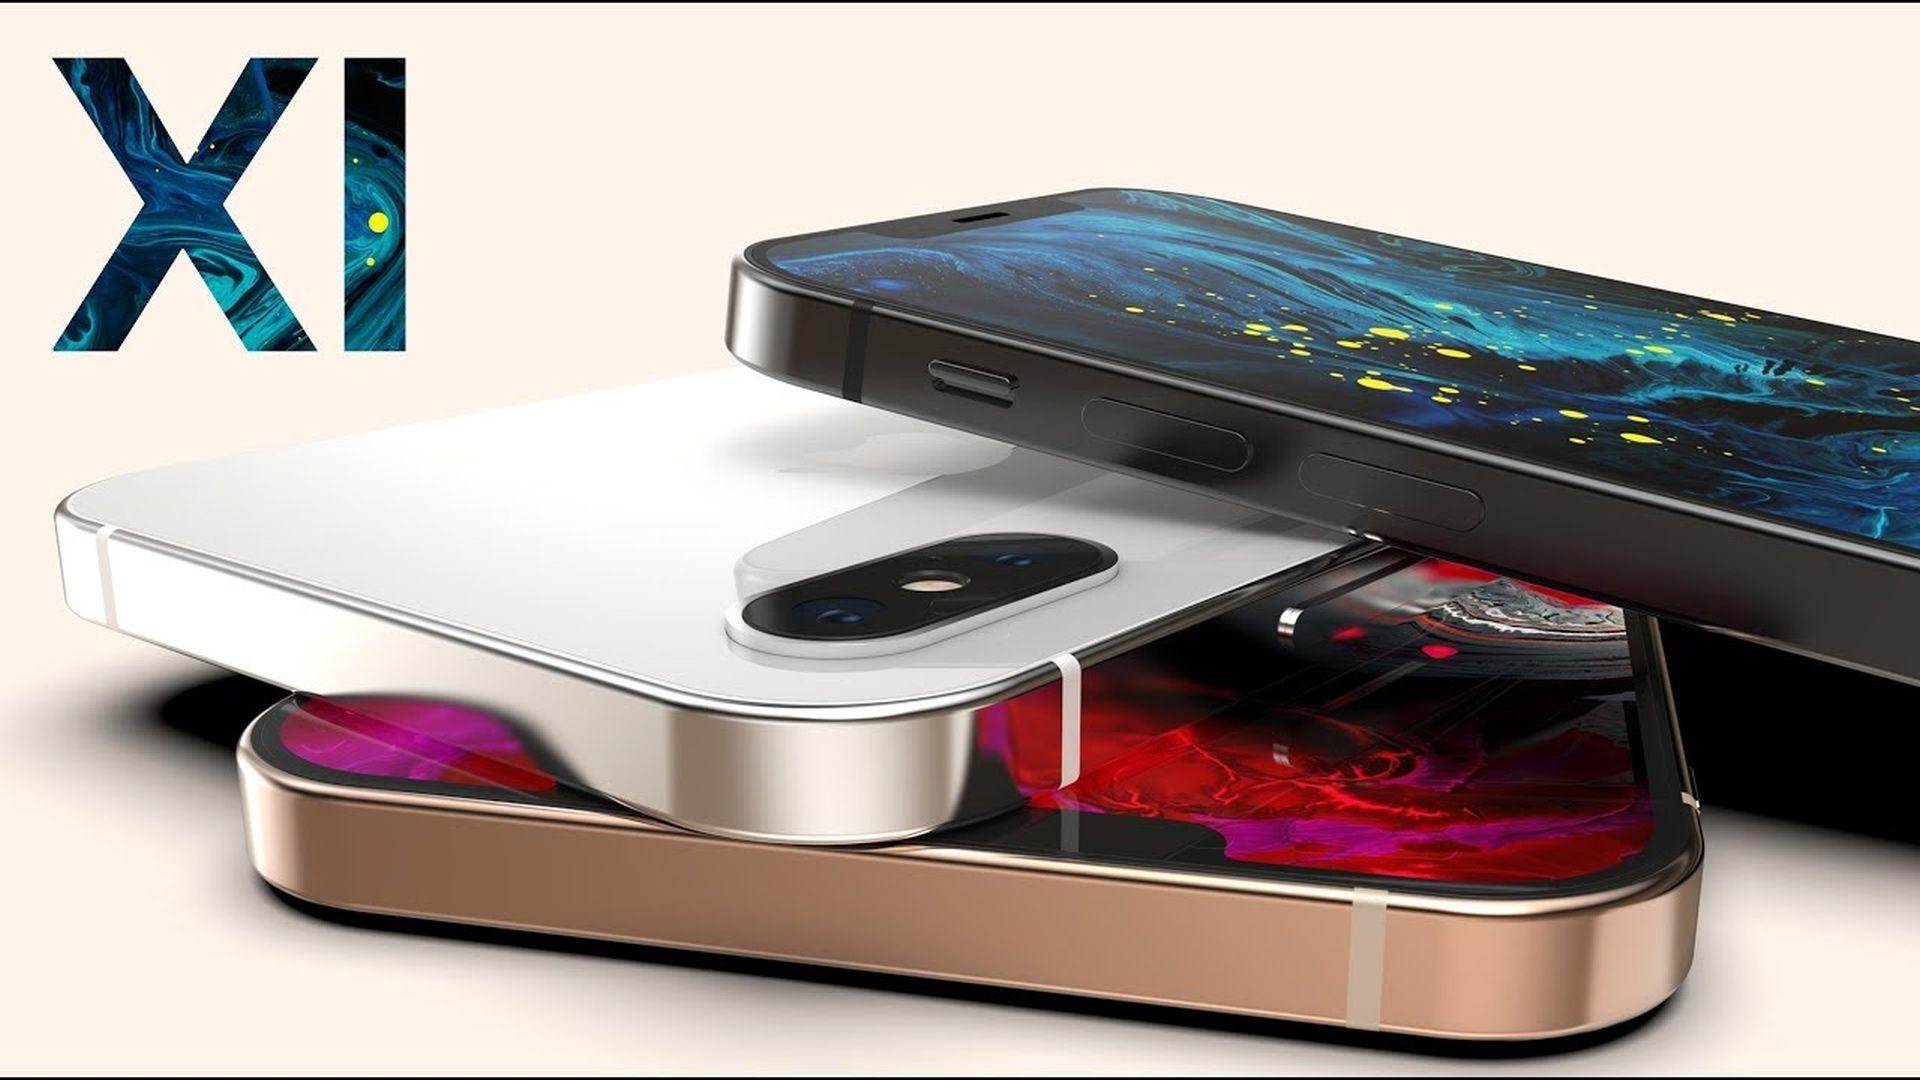 Koncepcja wyglądu przyszłorocznego iPhone'a